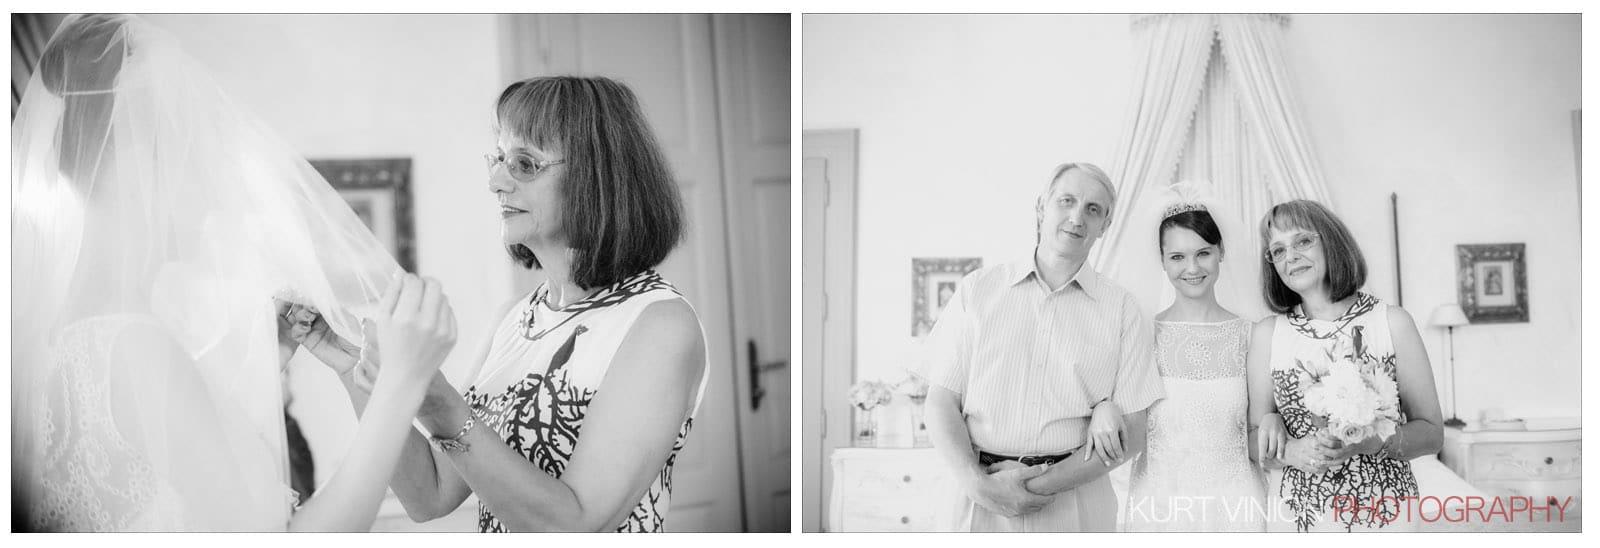 Chateau Mcely wedding / Ludmilla & Sergey / bridal portraits